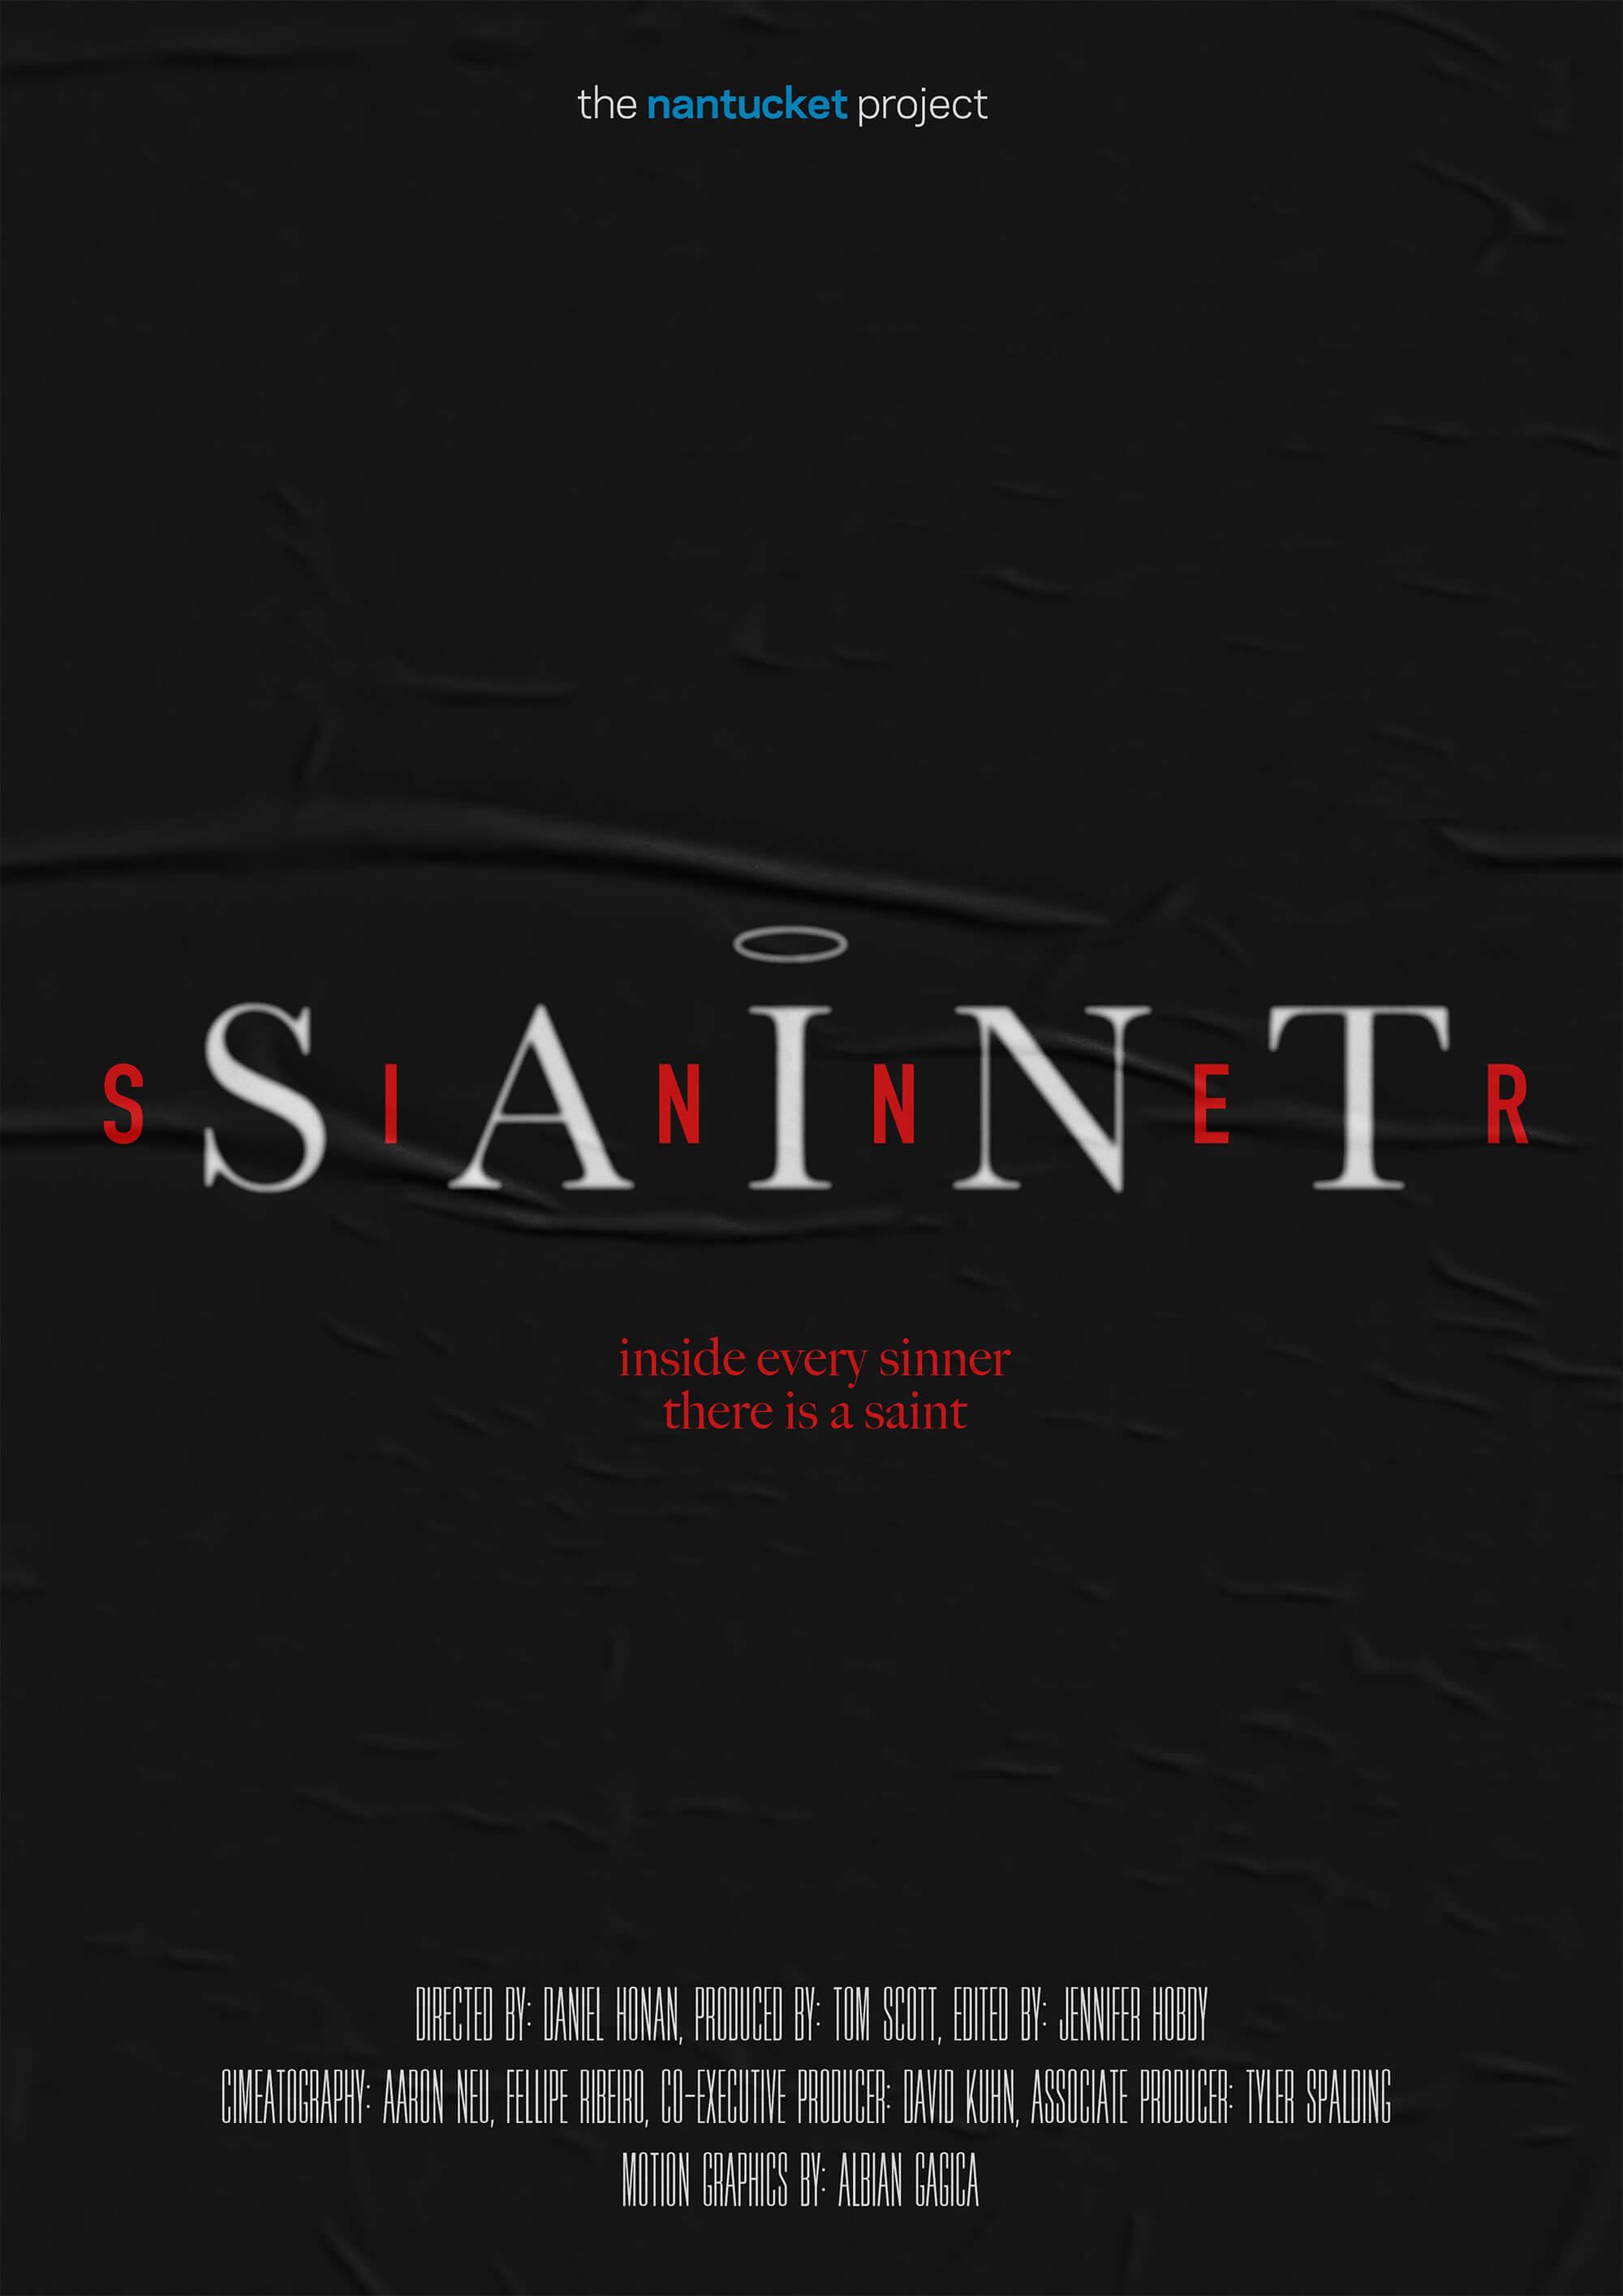 sinner_texture copy